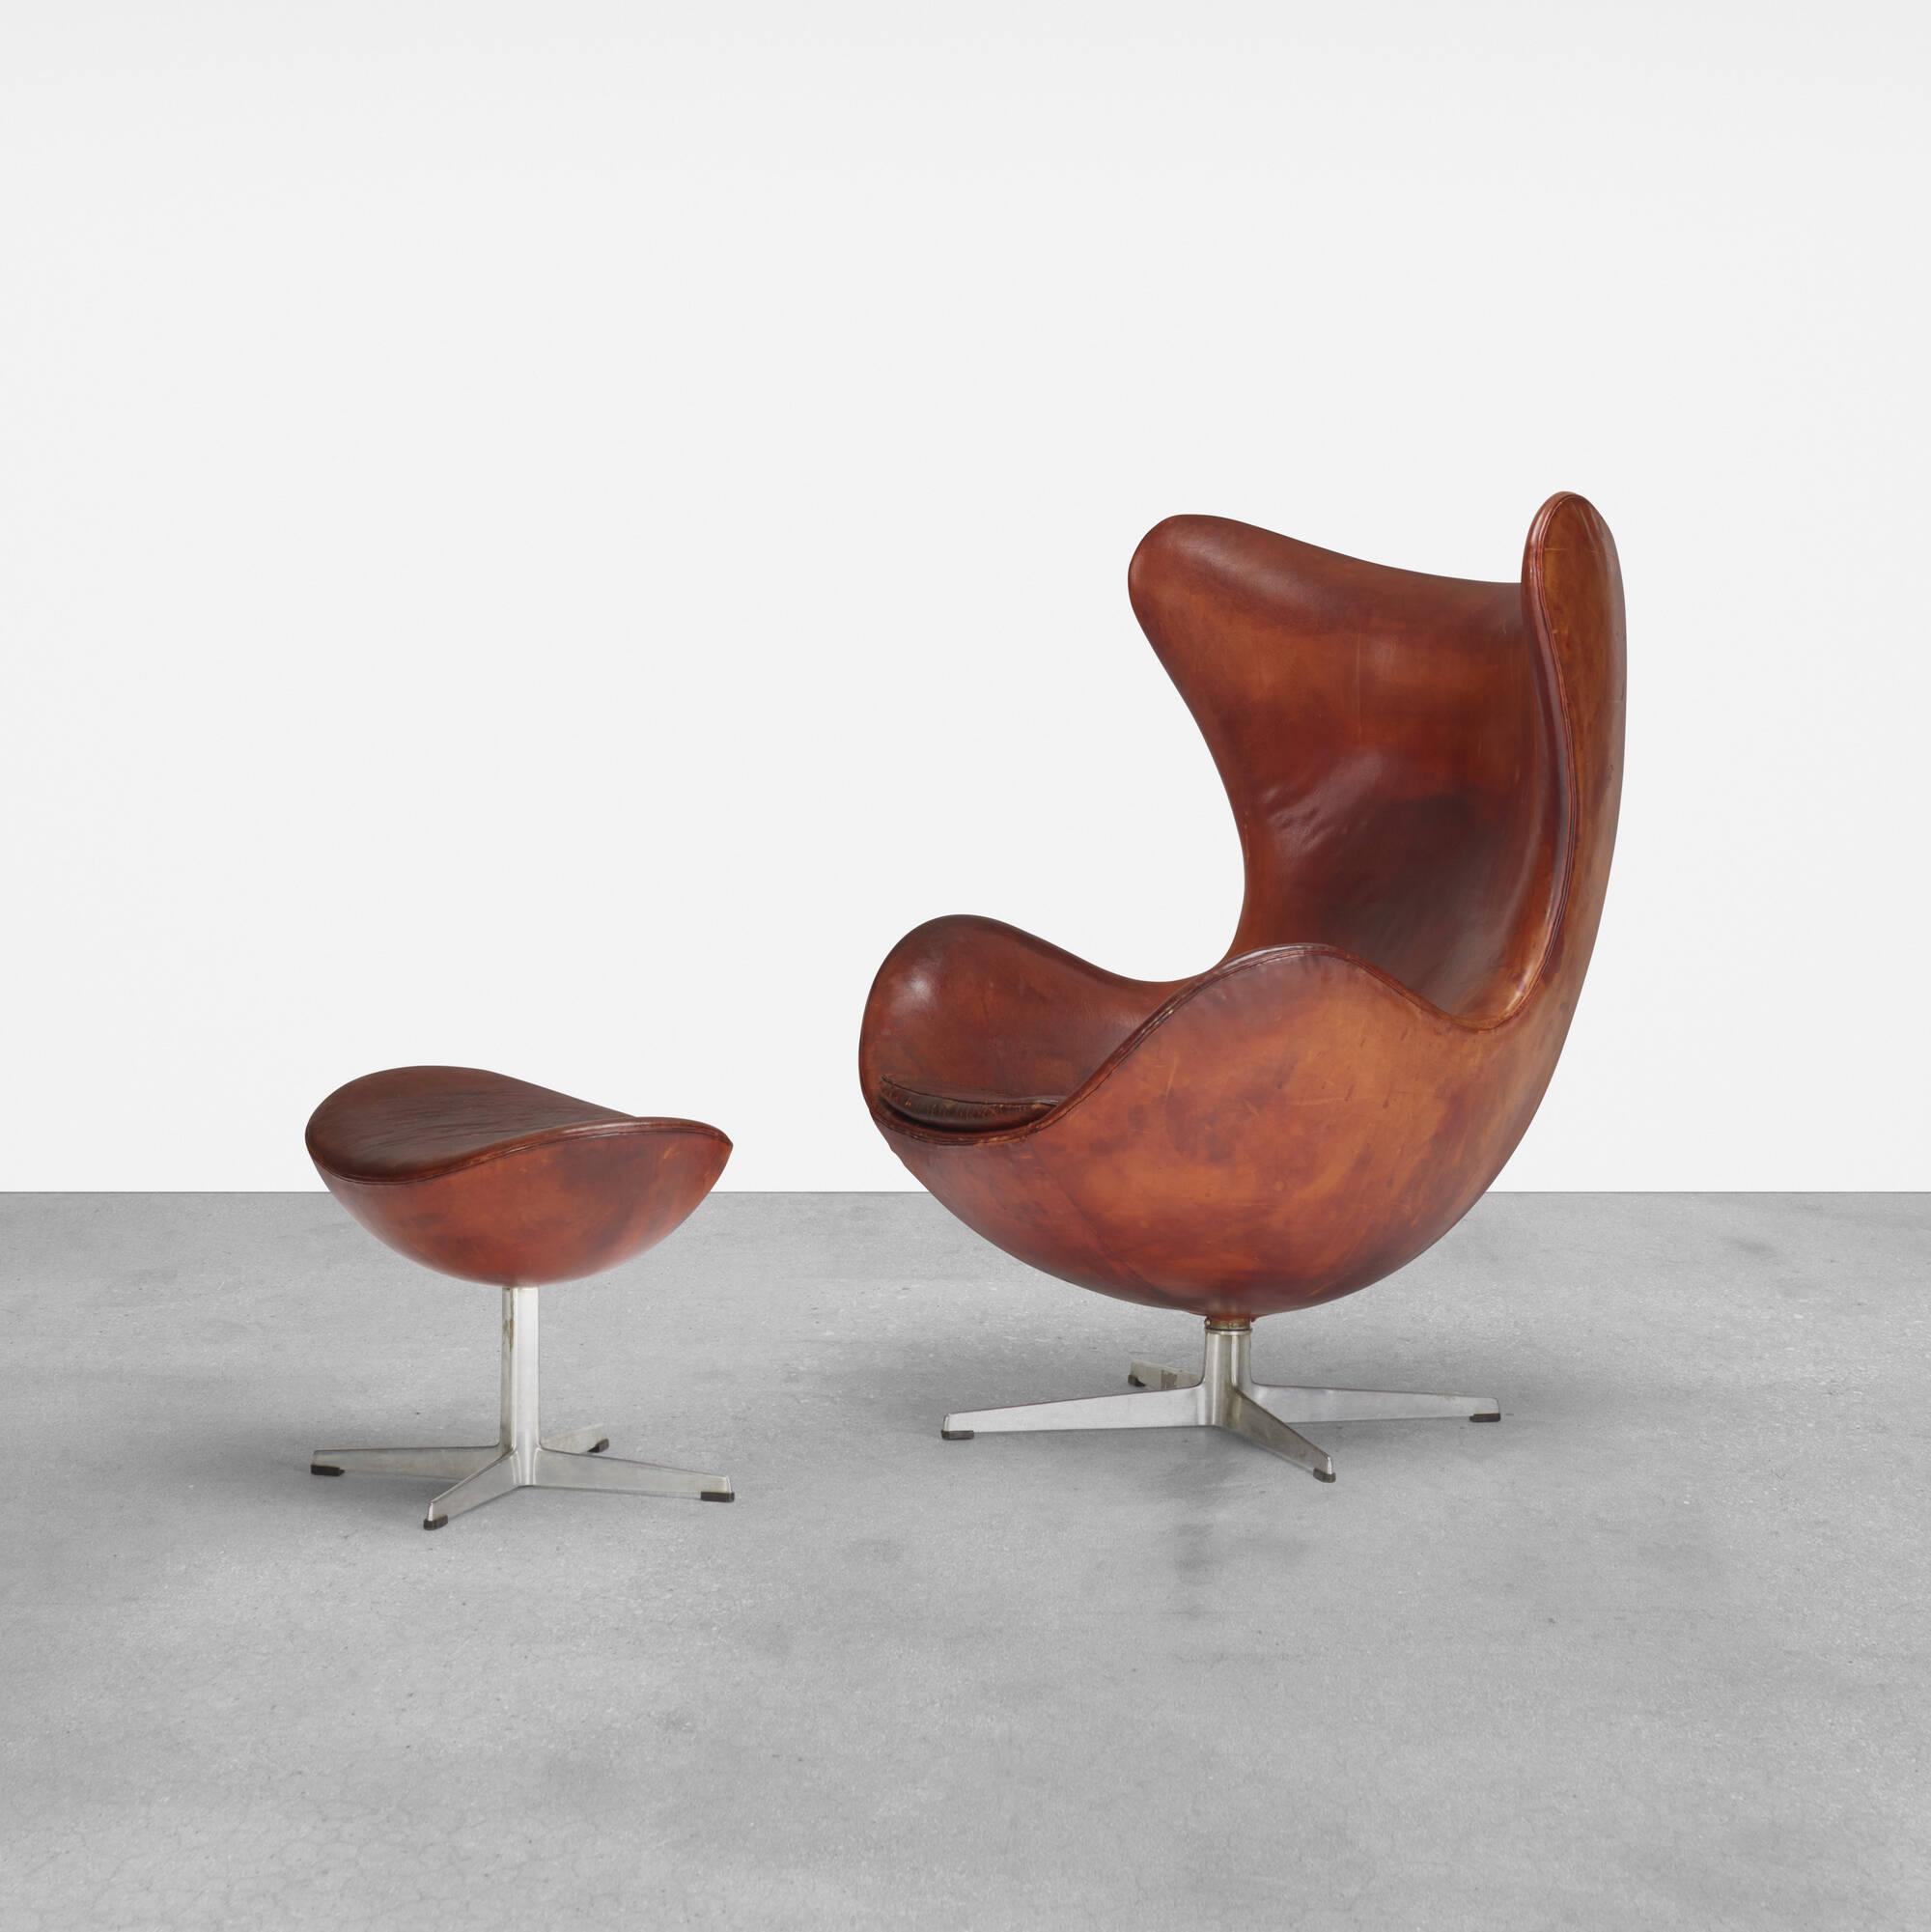 Arne Jacobsen Egg Chair.379 Arne Jacobsen Egg Chair And Ottoman Design 8 June 2017